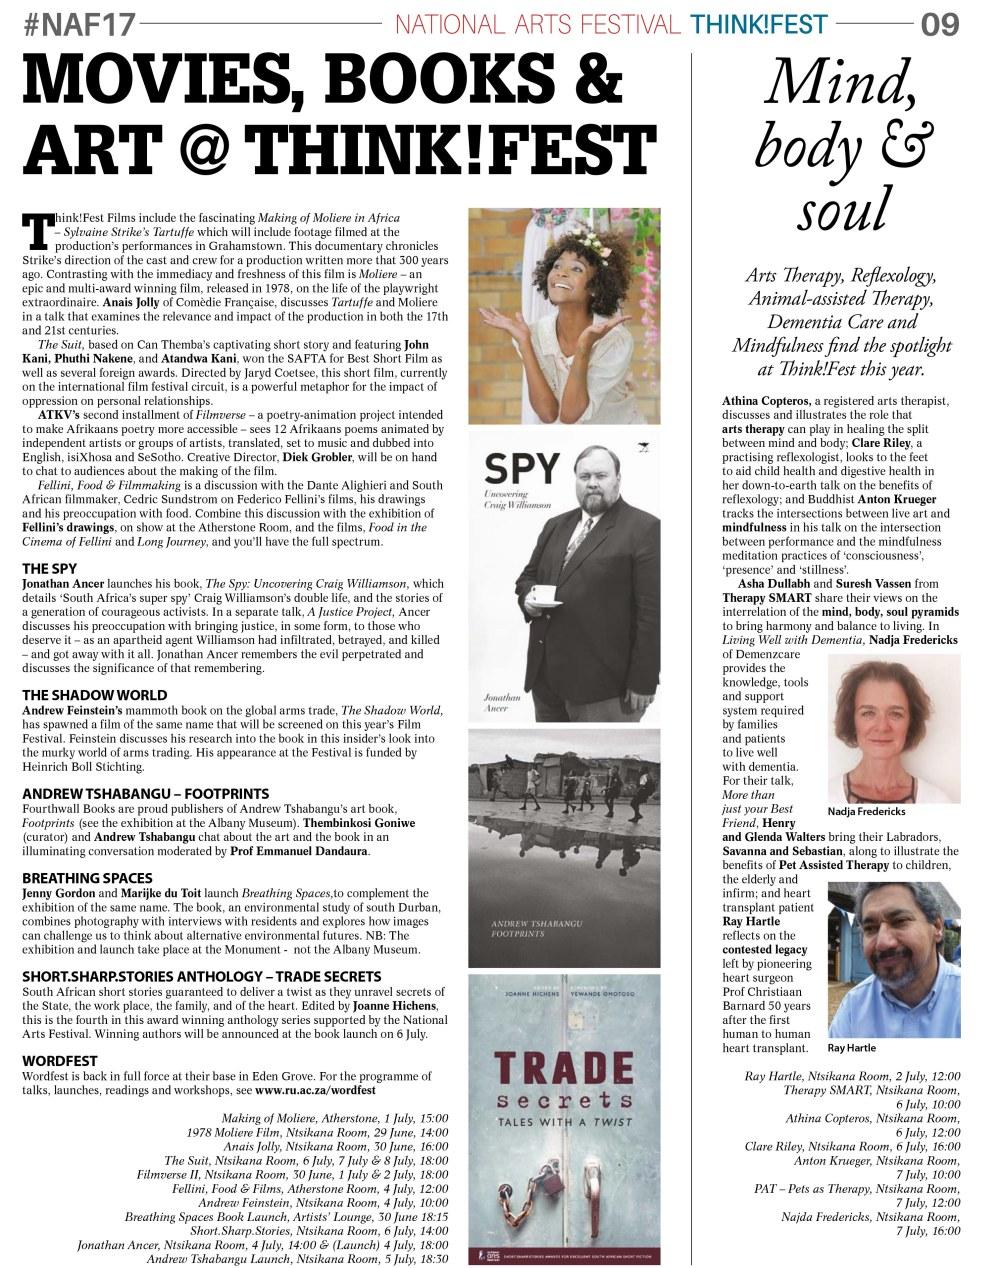 Think!Fest Update information-1